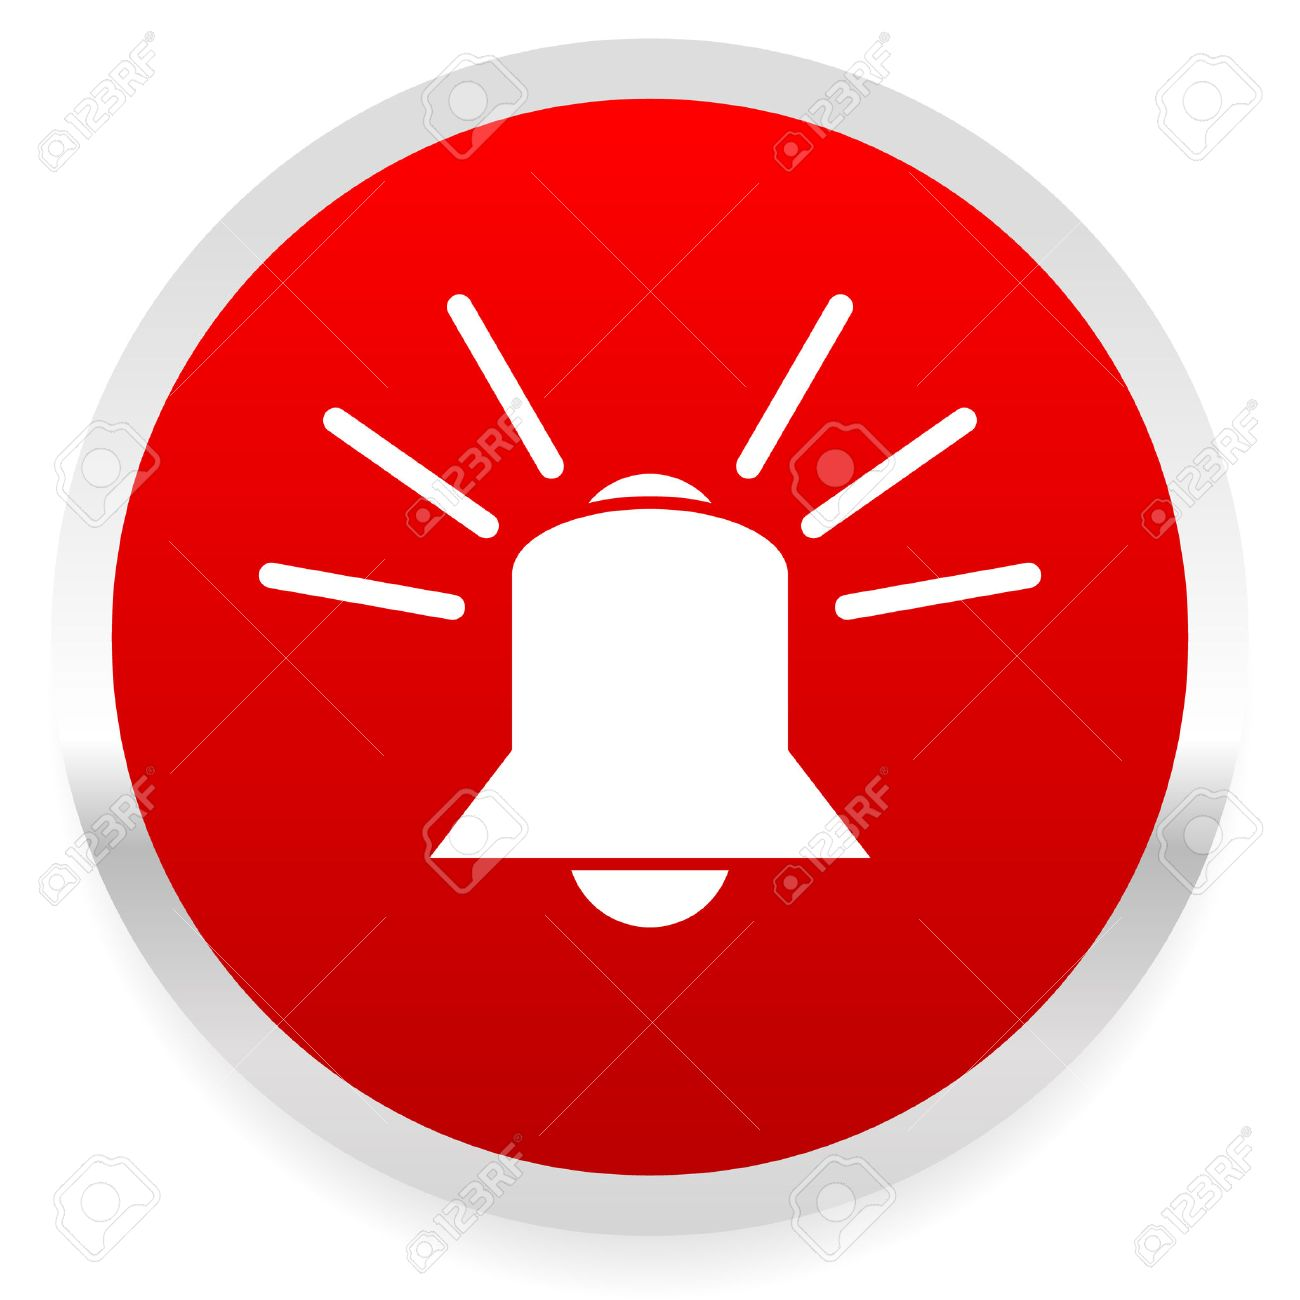 Sonner La Cloche. Alarme, D'urgence, Sirène, Vecteur De Système De Sécurité. Clip Art Libres De Droits , Vecteurs Et Illustration. Image 32300486.